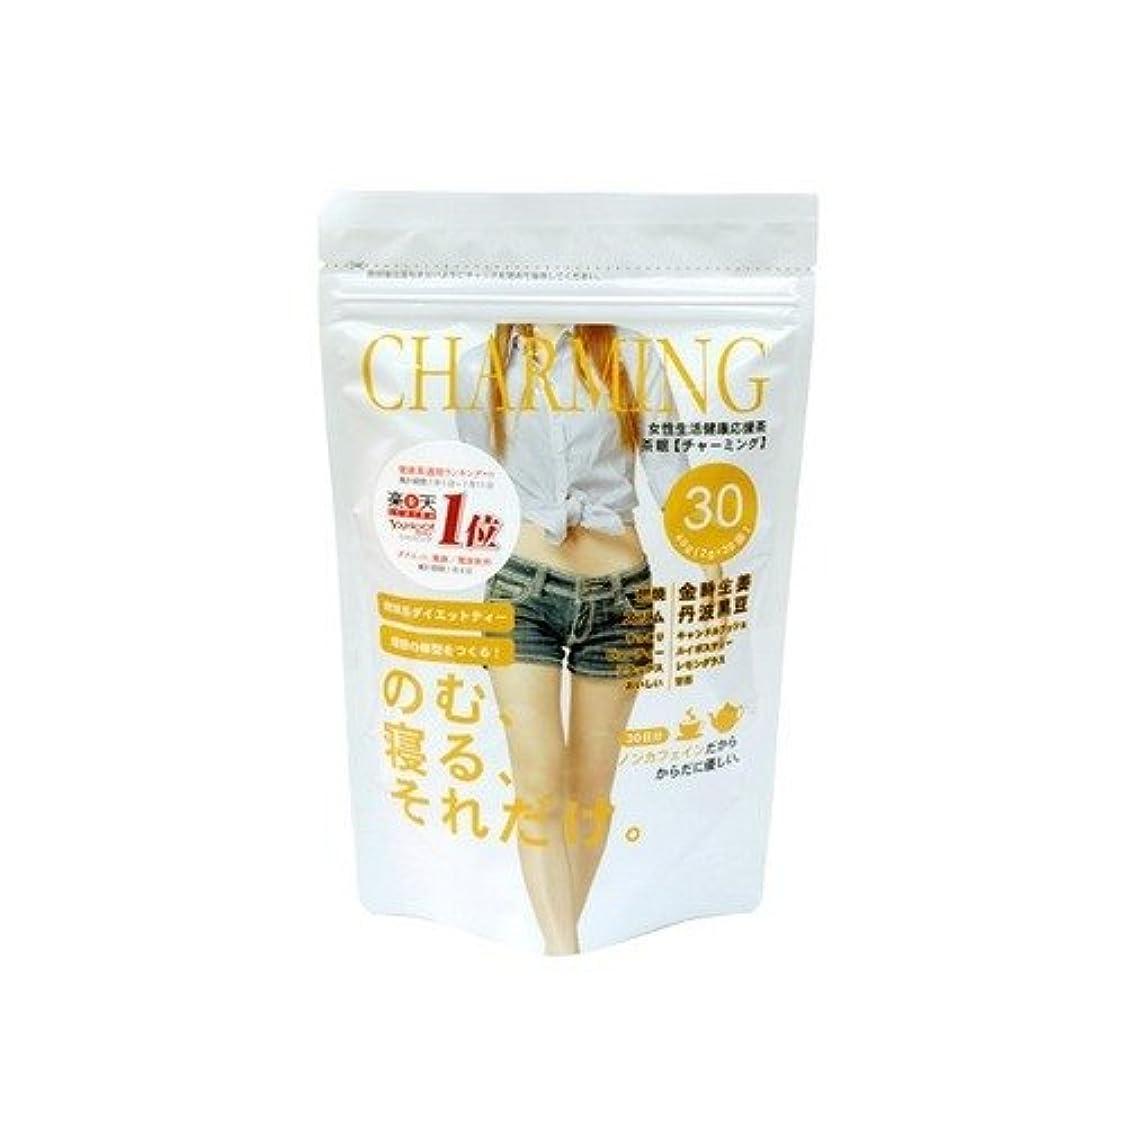 シャンパン悪質なレビュー★ 茶眠(チャーミング) 30包 CHARMING